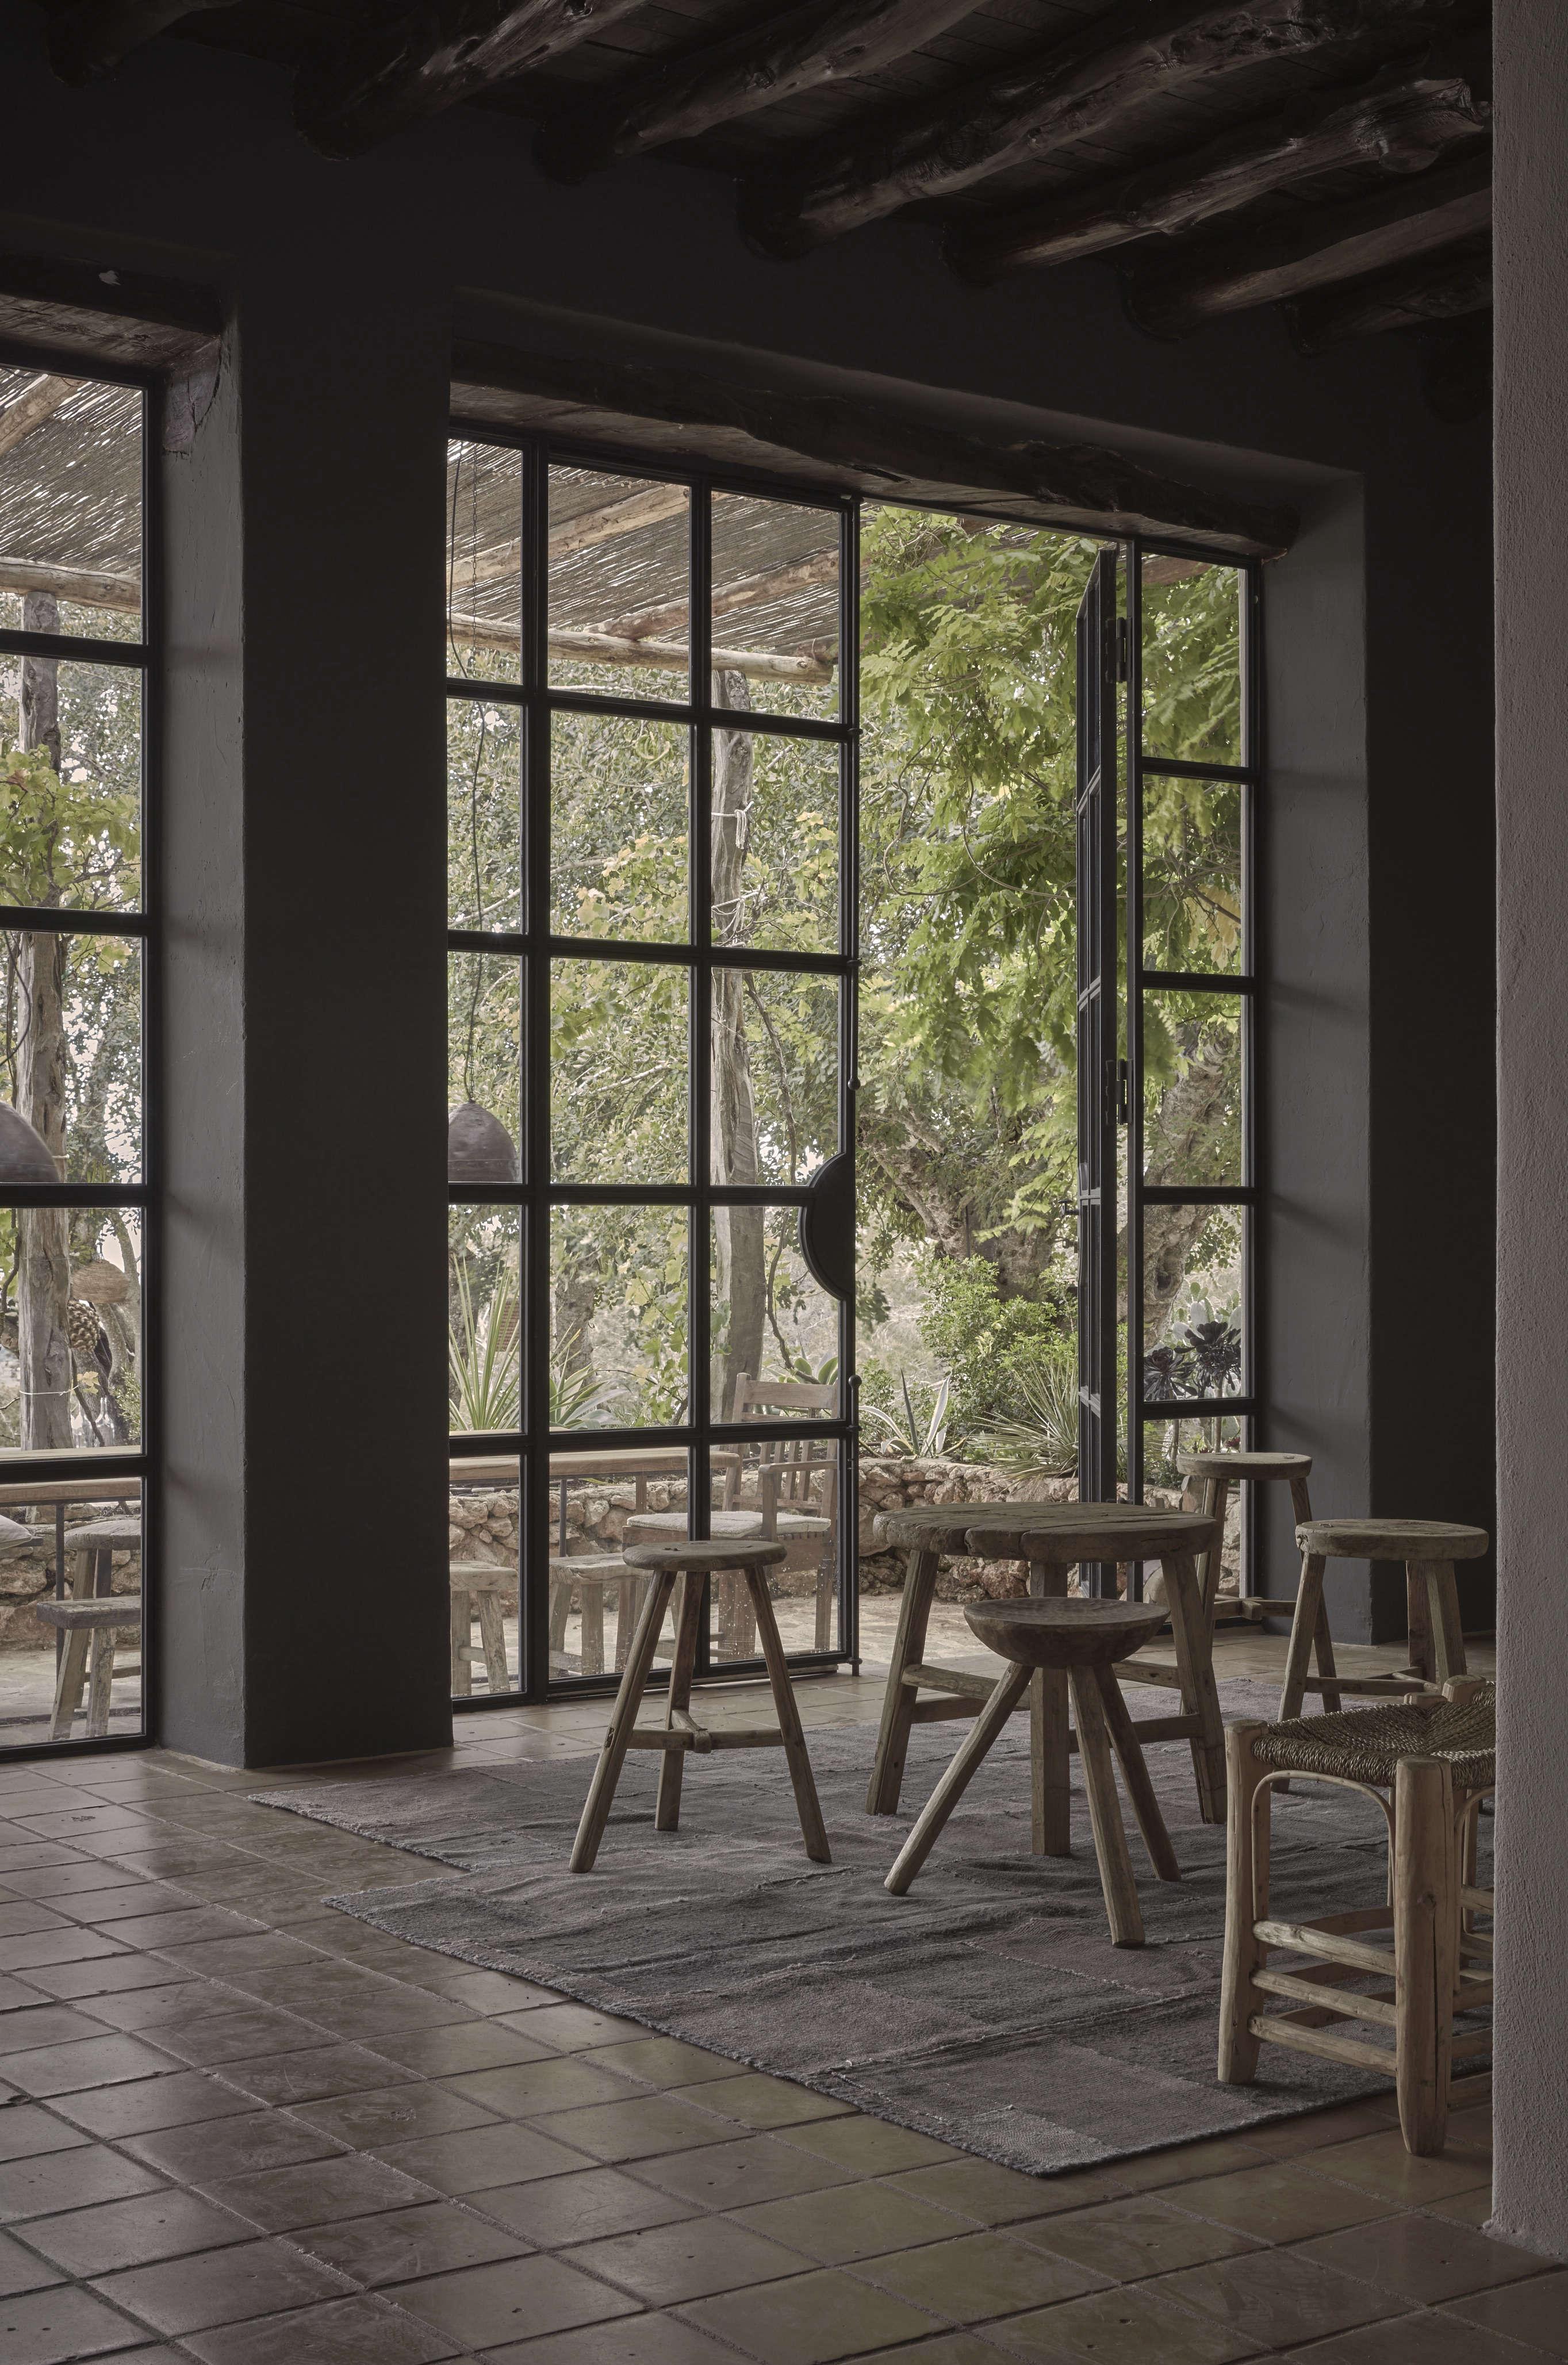 Steel Frame Doors hardscaping 101: steel factory-style windows and doors - gardenista